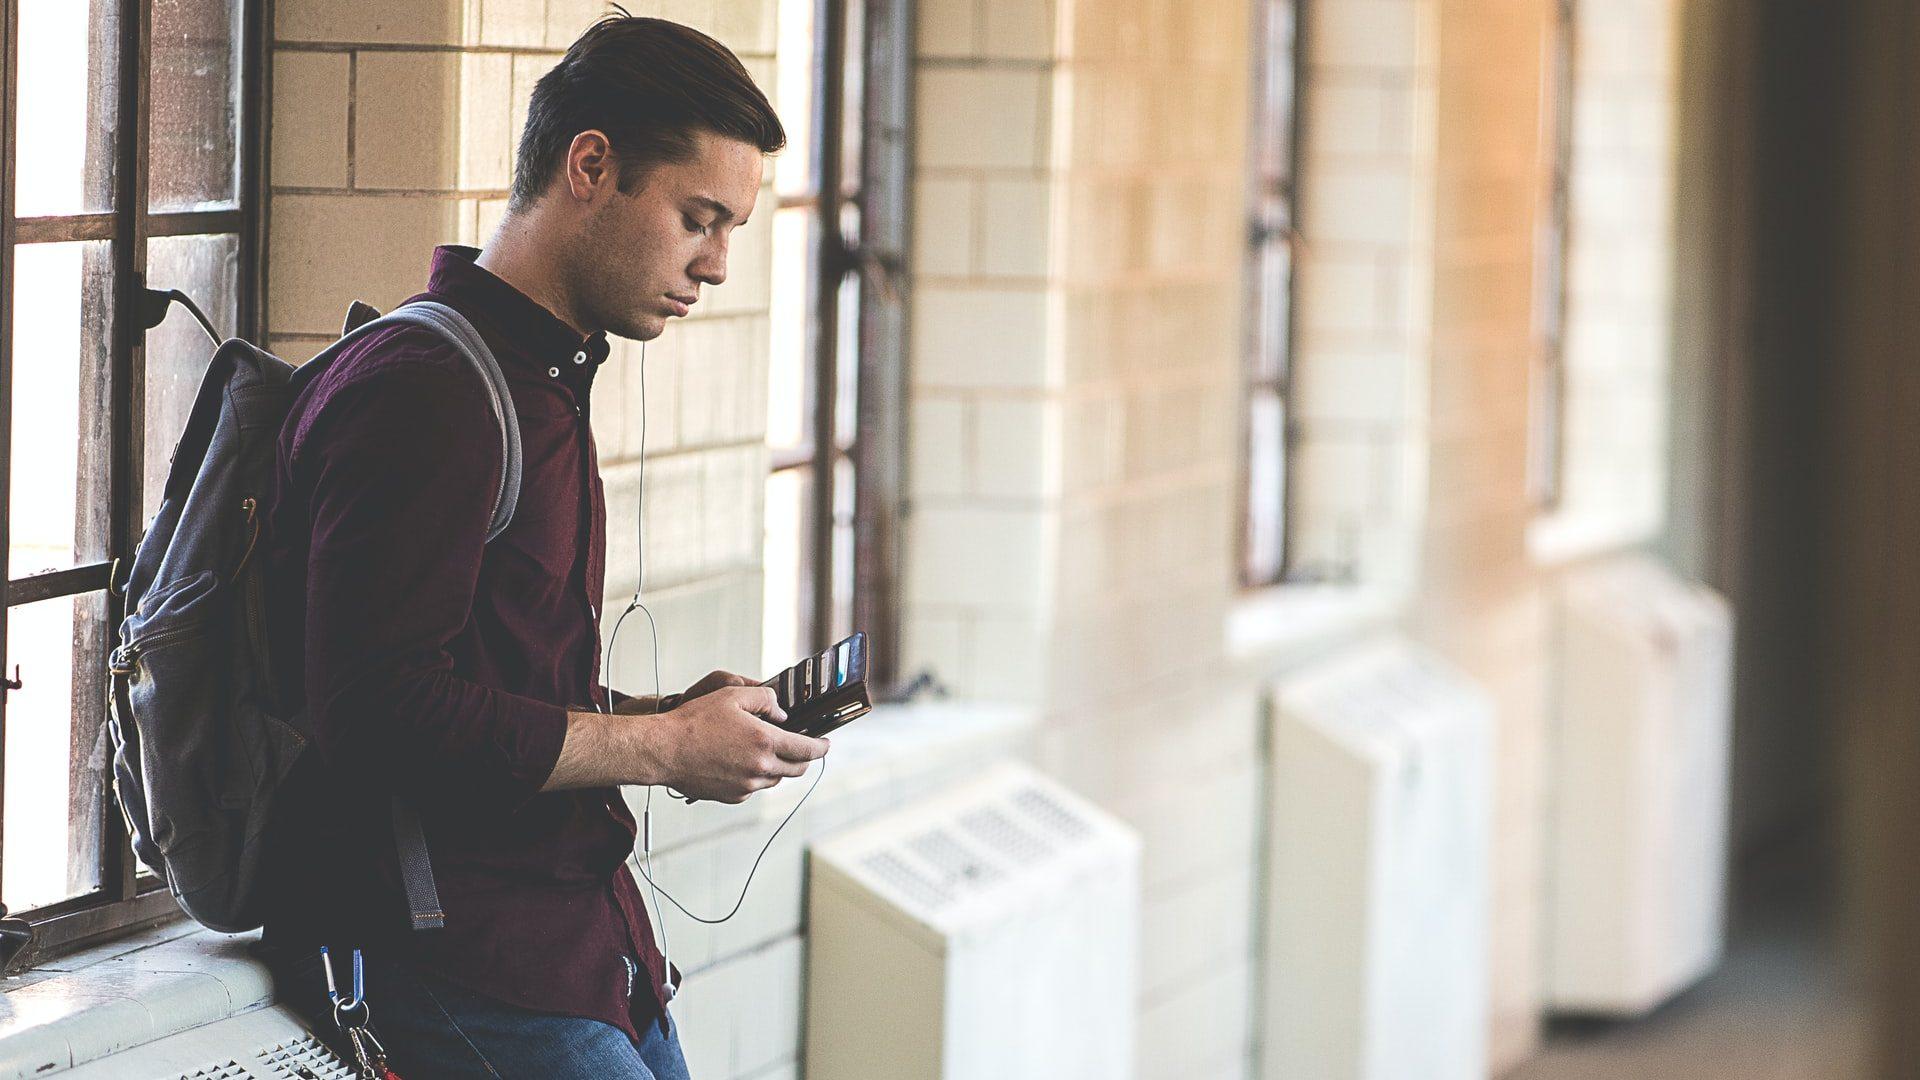 【大学生必見】収入が少ない大学生も即日で借りられるおすすめカードローン7選